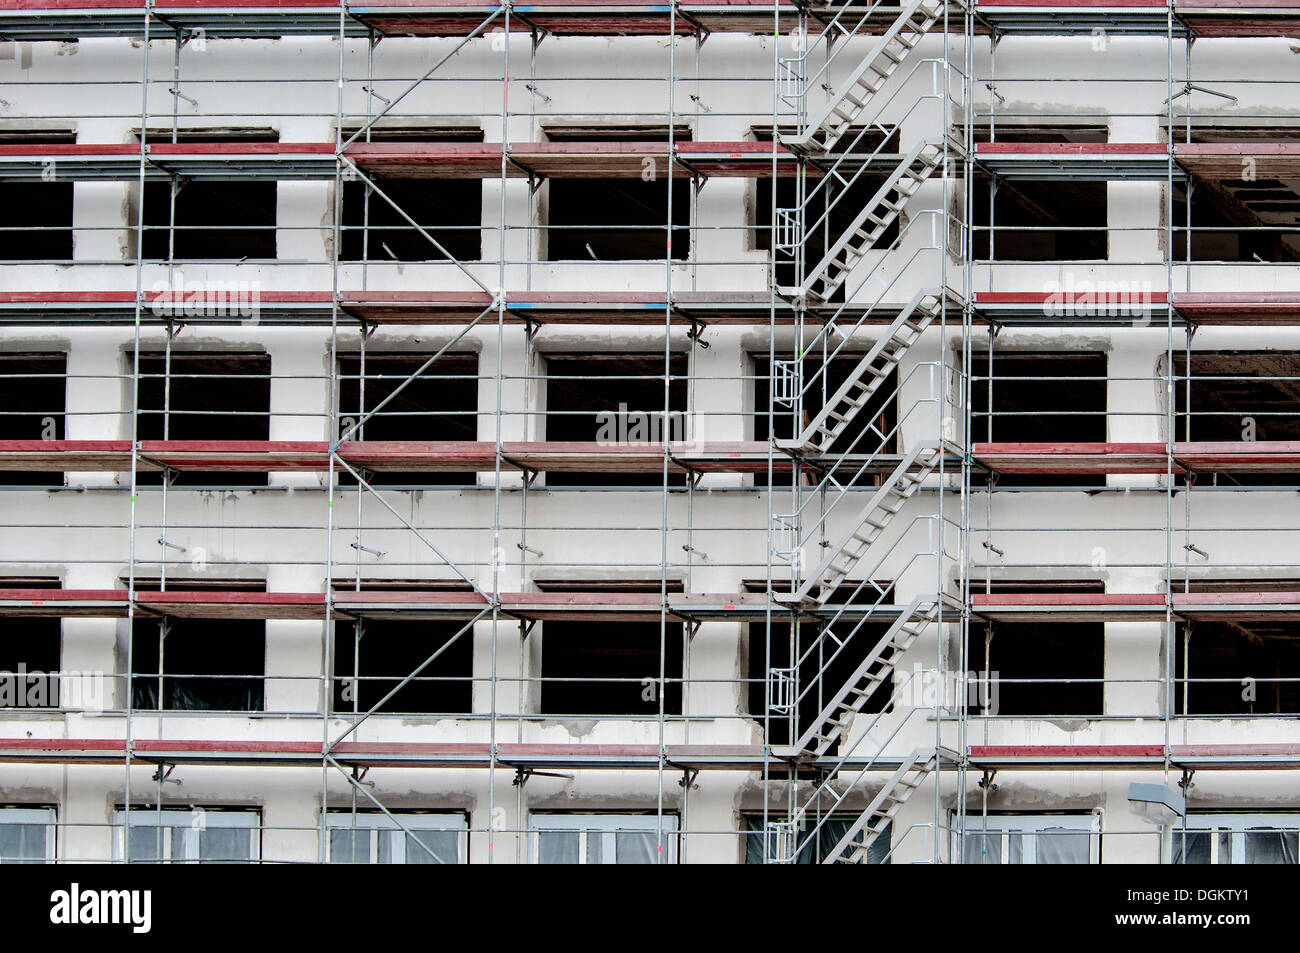 La construcción comercial, scaffolded shell con escaleras, Bonn, Renania del Norte-Westfalia, PublicGround Imagen De Stock